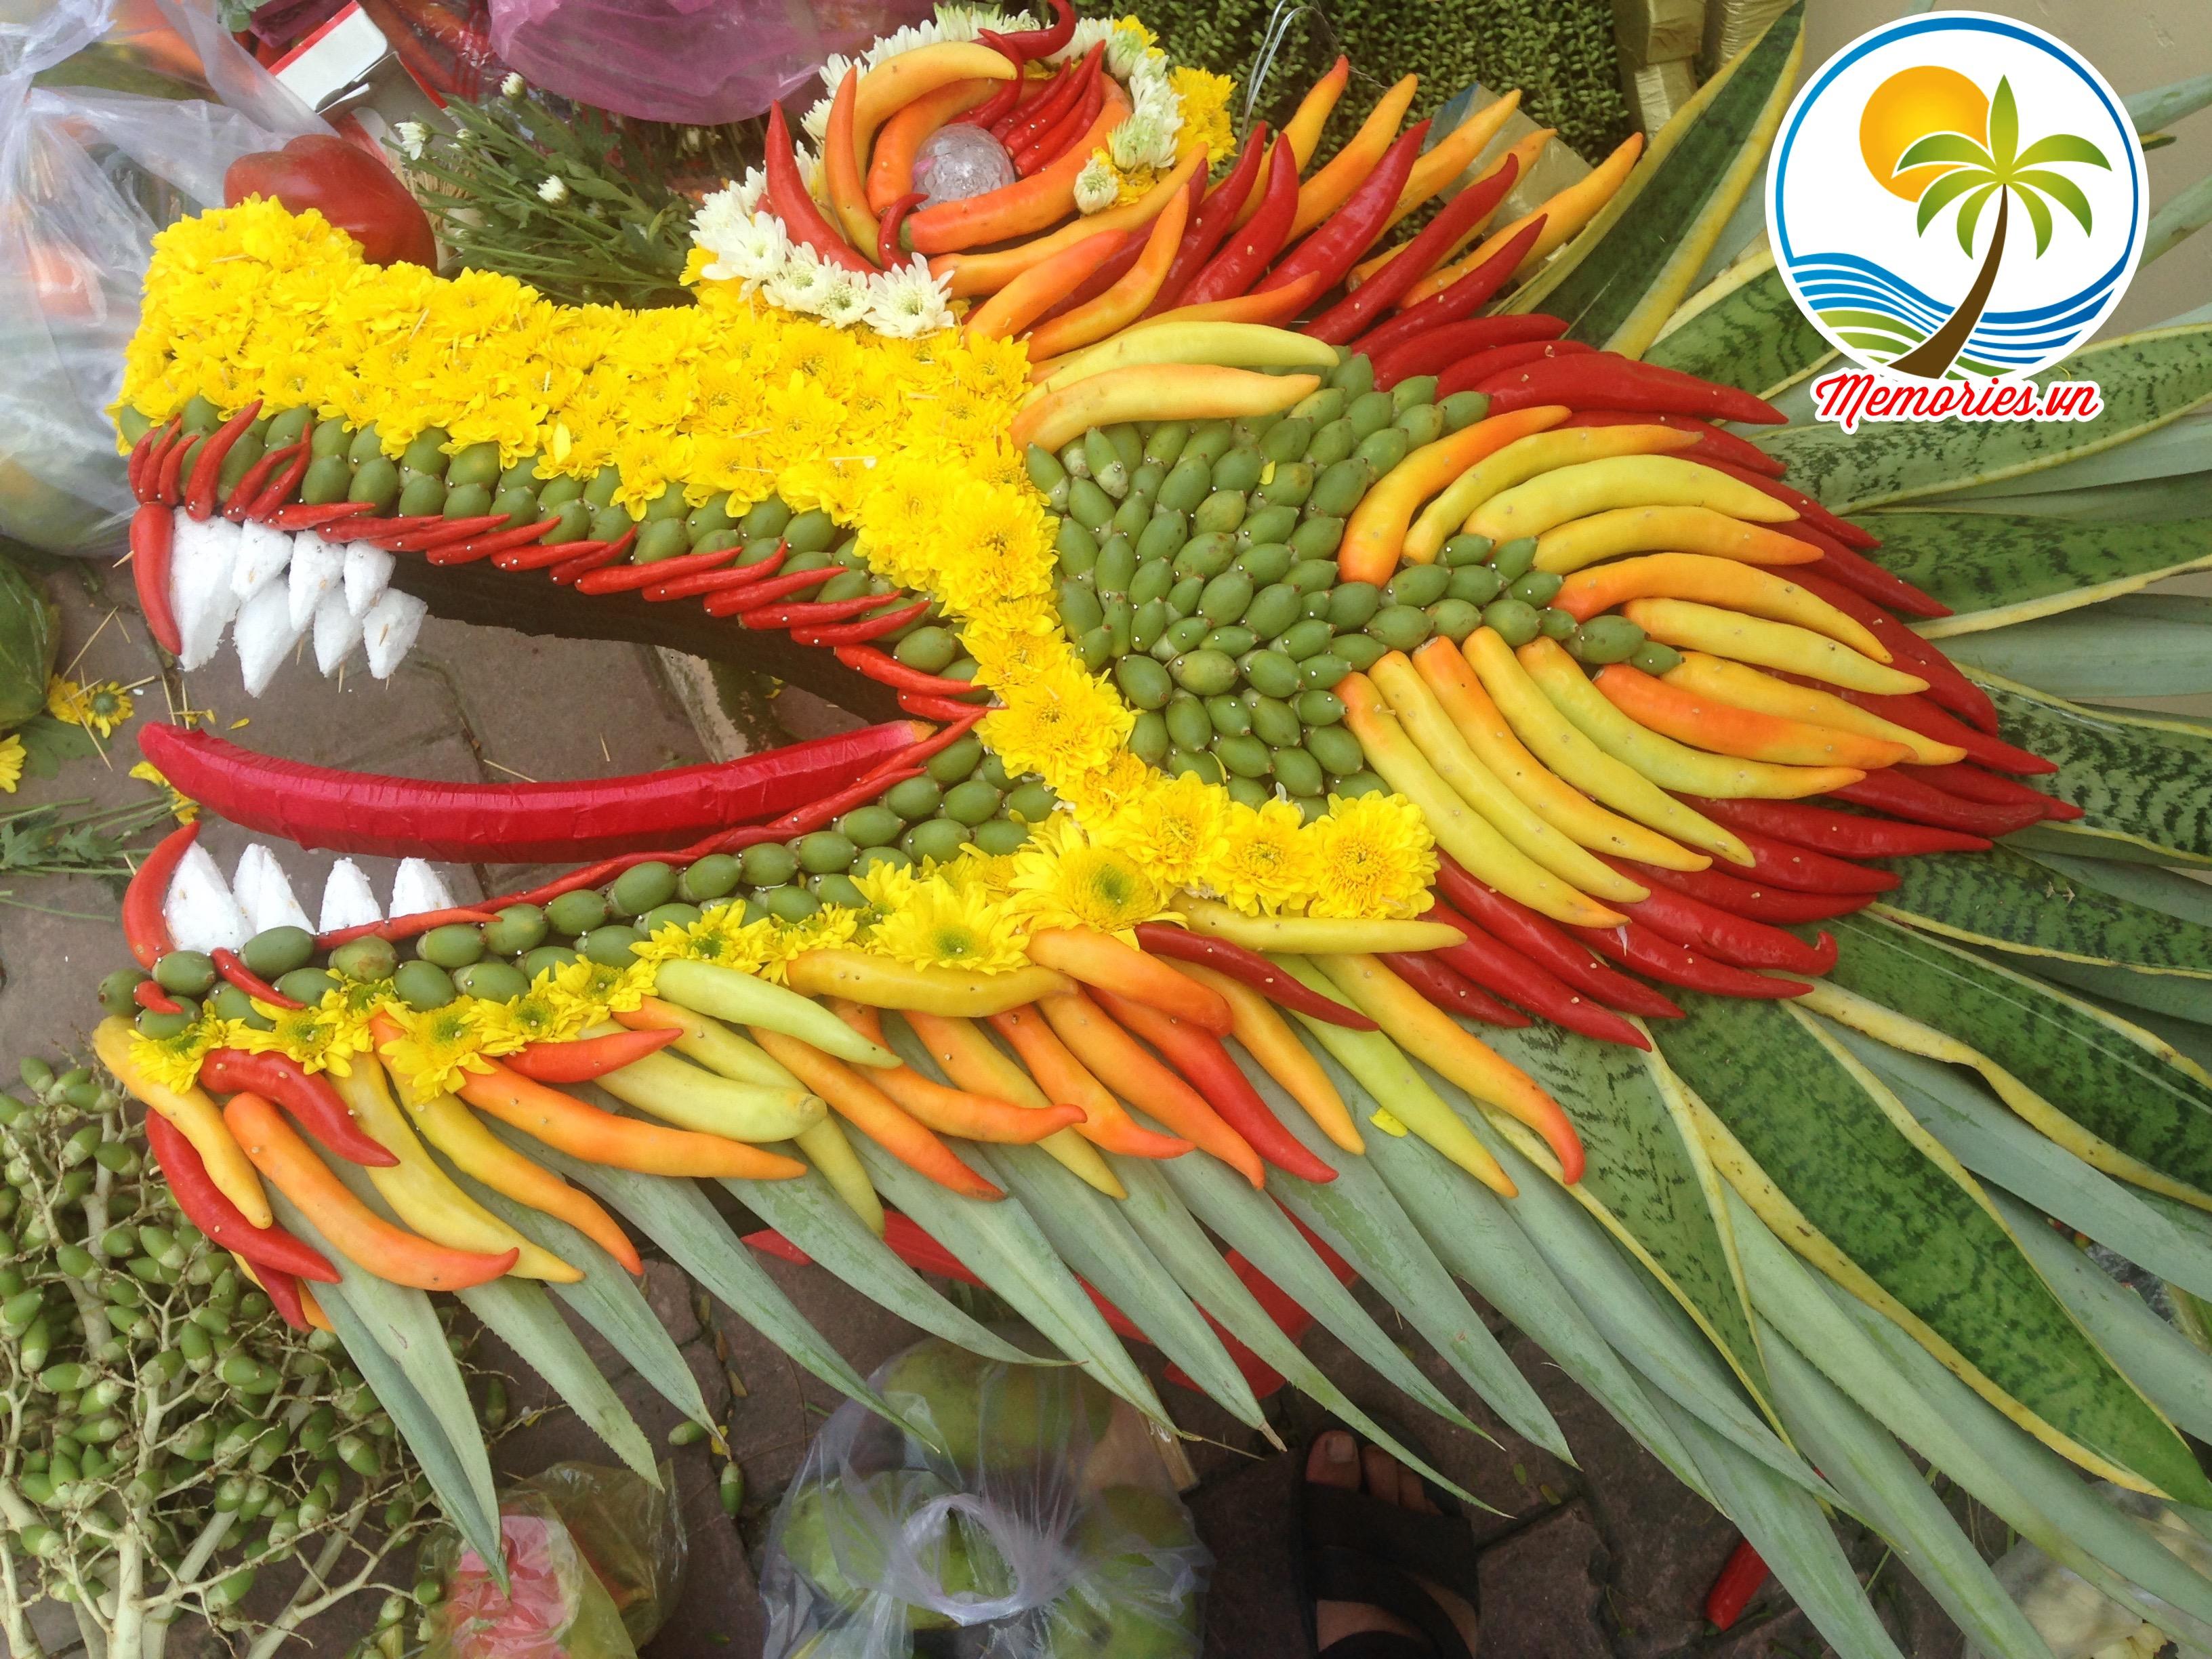 Cổng rồng phụng bằng lá dừa